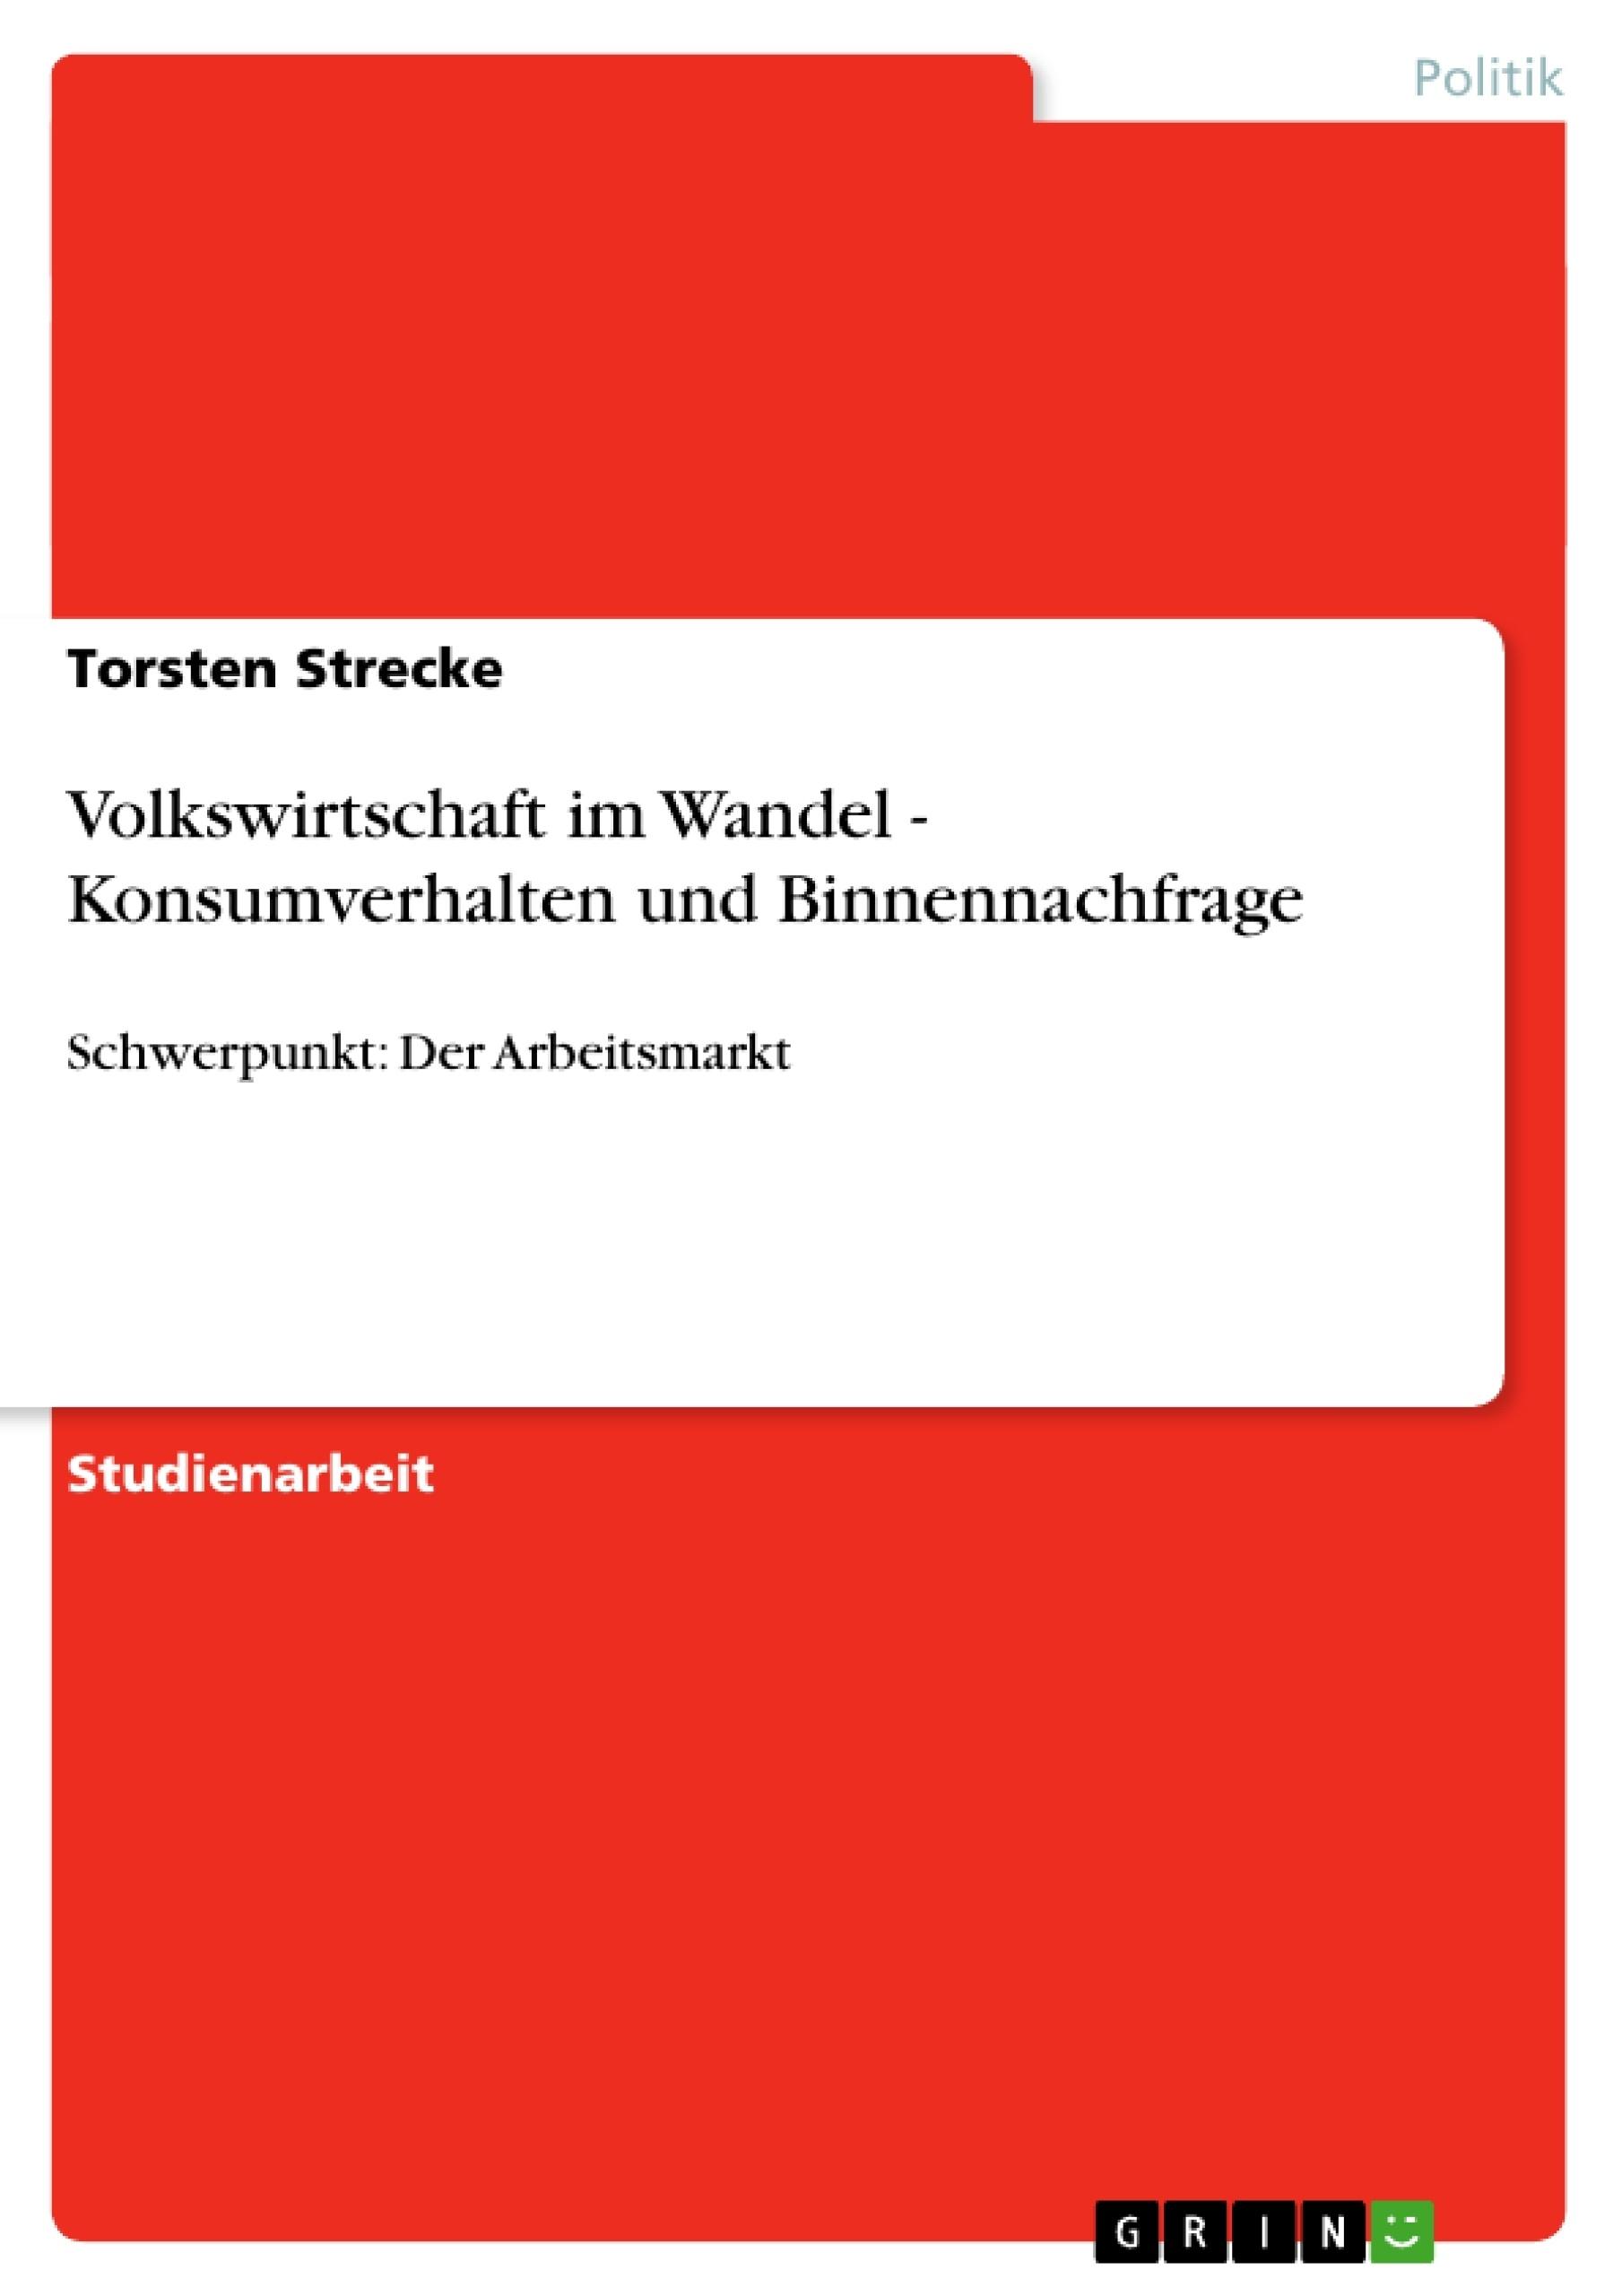 Titel: Volkswirtschaft im Wandel - Konsumverhalten und Binnennachfrage